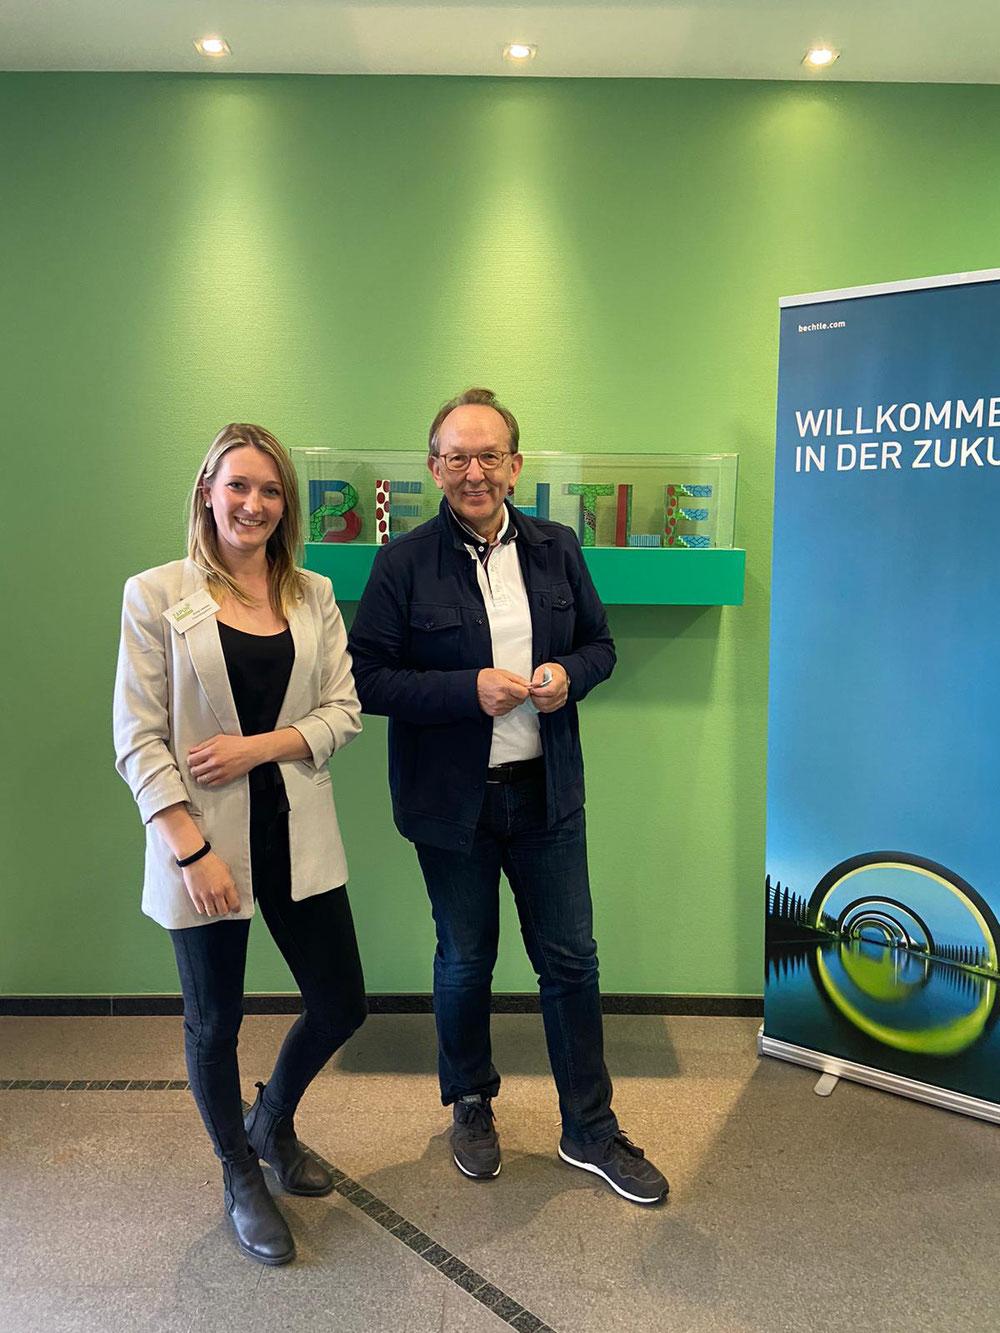 Anna Leweke, Hospizbegleiterin, und Karl-Heinz Empel, Geschäftsführer der Bechtle Düsseldorf